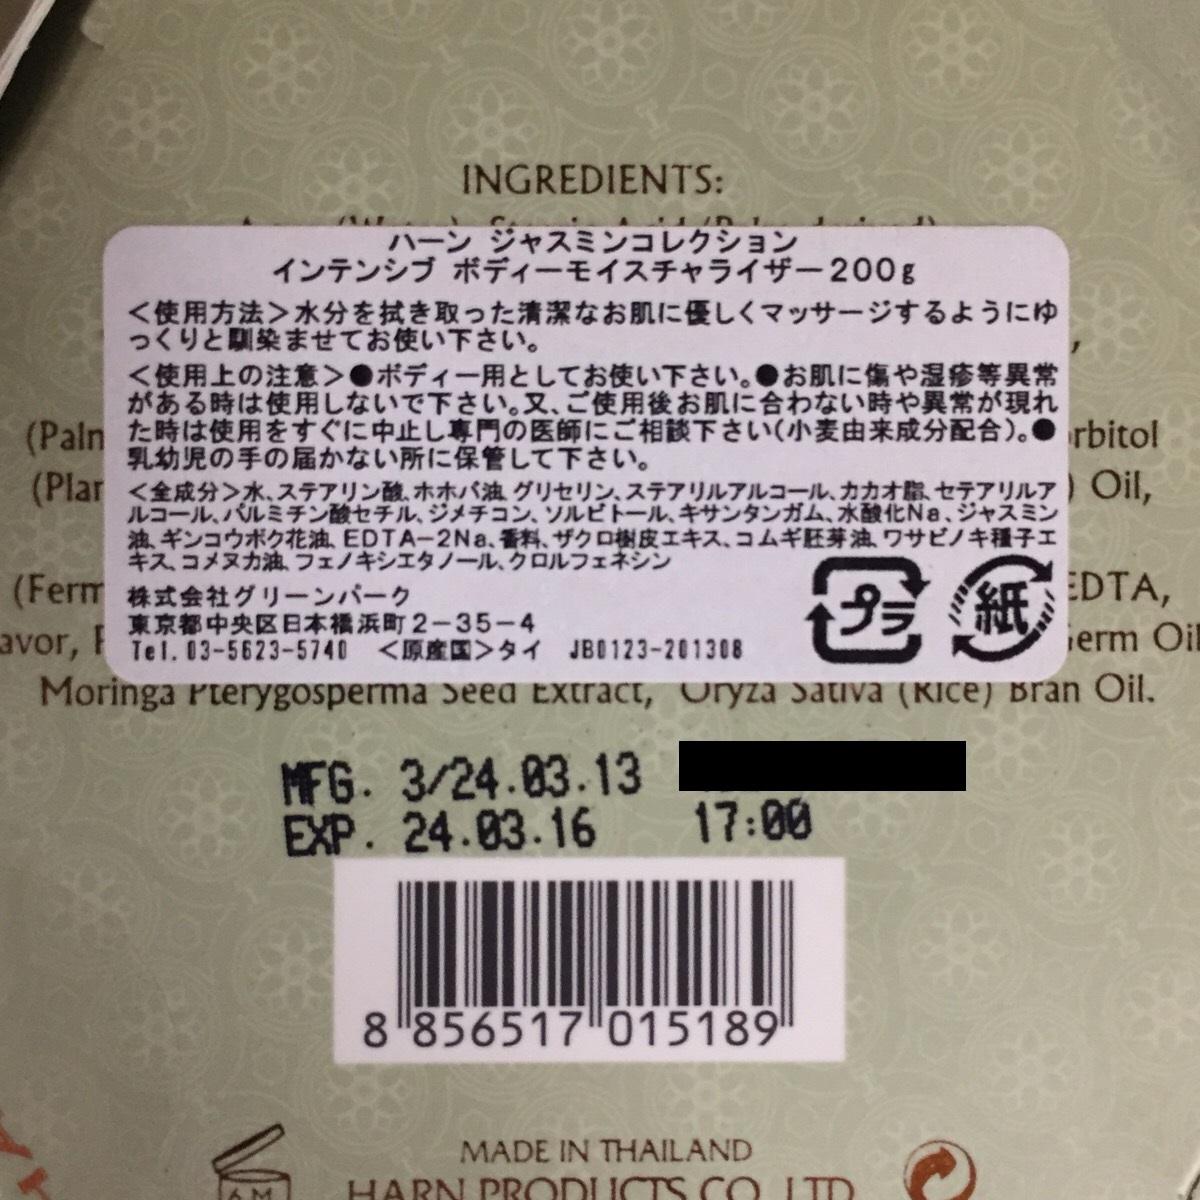 HARNN ハーン 化粧品 訳あり 18点セット 化粧水 ボディーオイルスプレー モイスチャライザーハンドクリーム コンディショナー デイクリーム_画像4